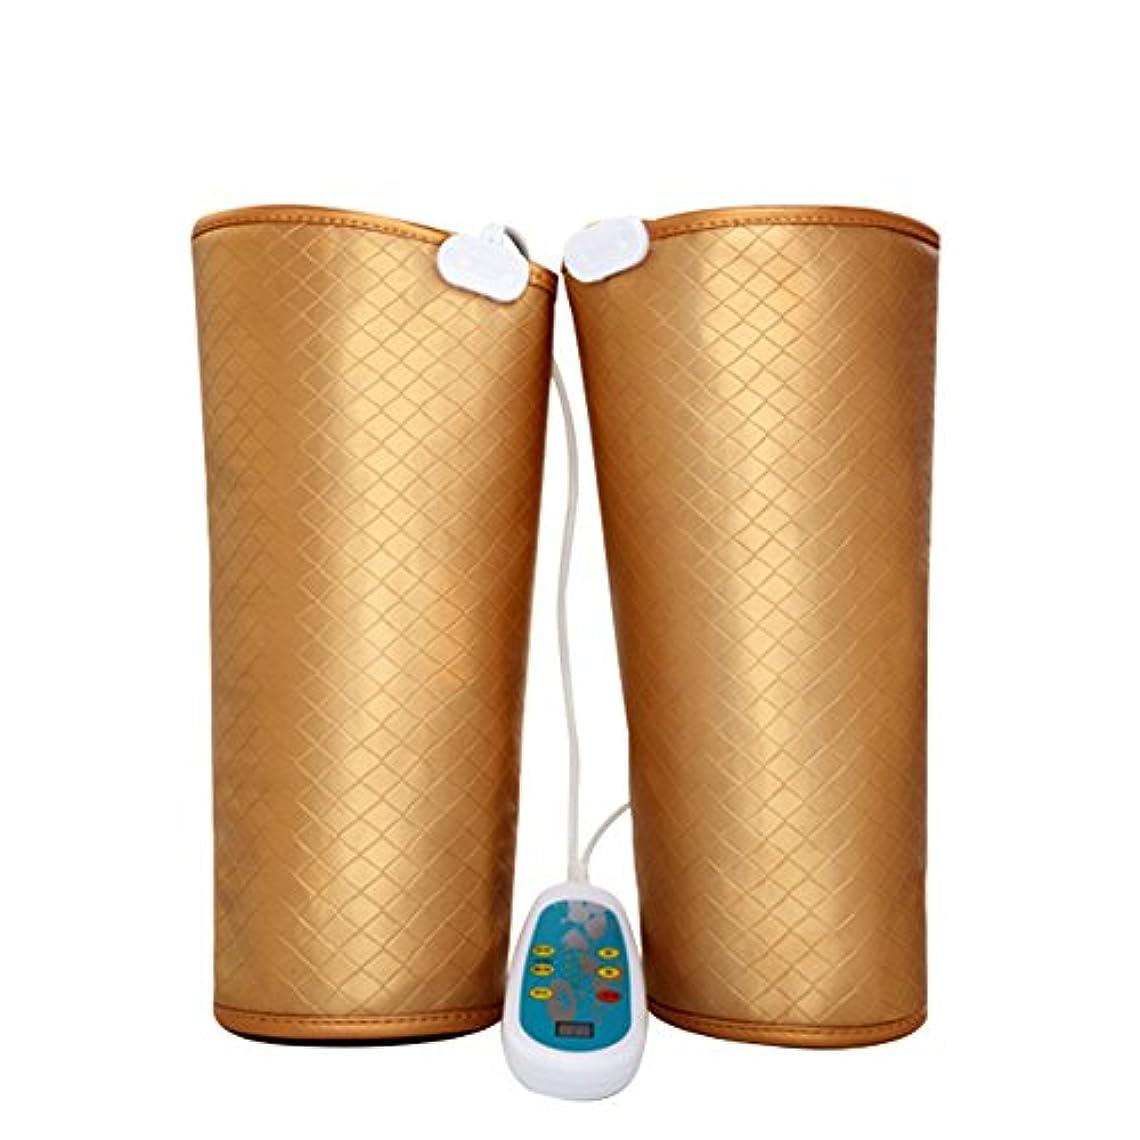 ノベルティ日麻痺電気マッサージ、膝の保温、男女通用、マッサージ機、膝と足を加熱してマッサージします